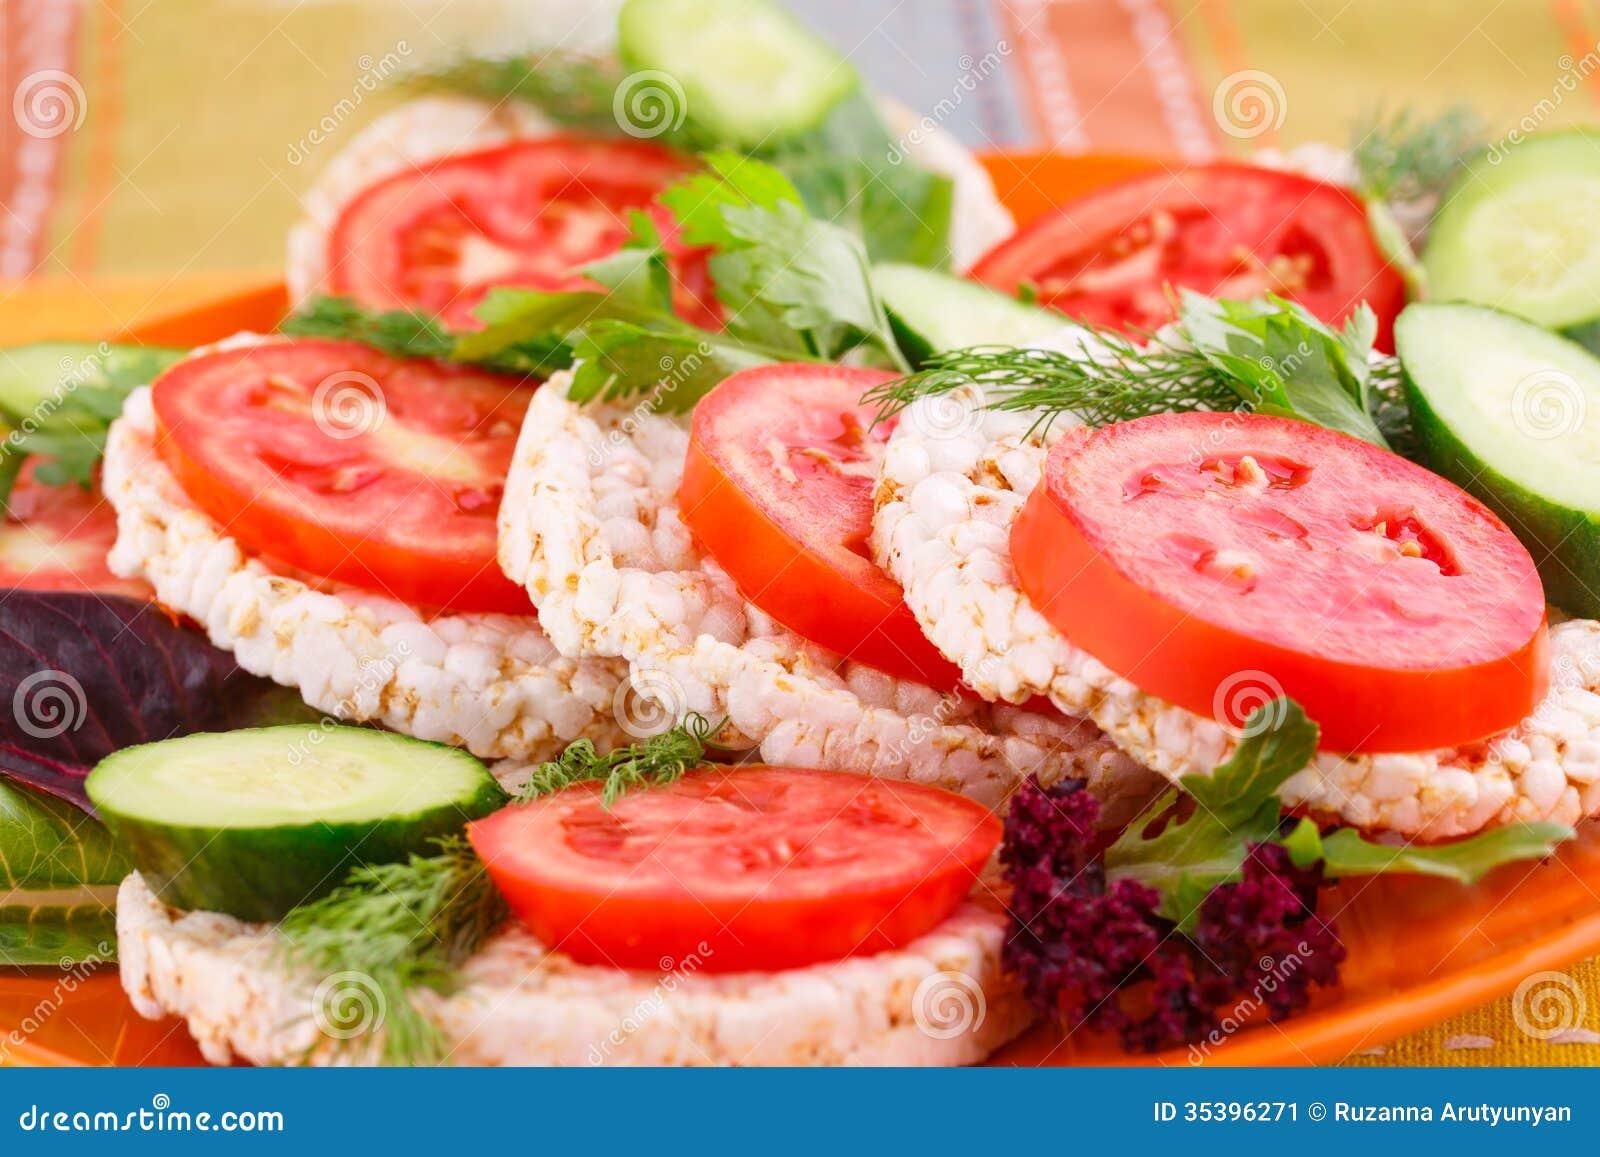 Sandwichs soufflés à biscuits de riz